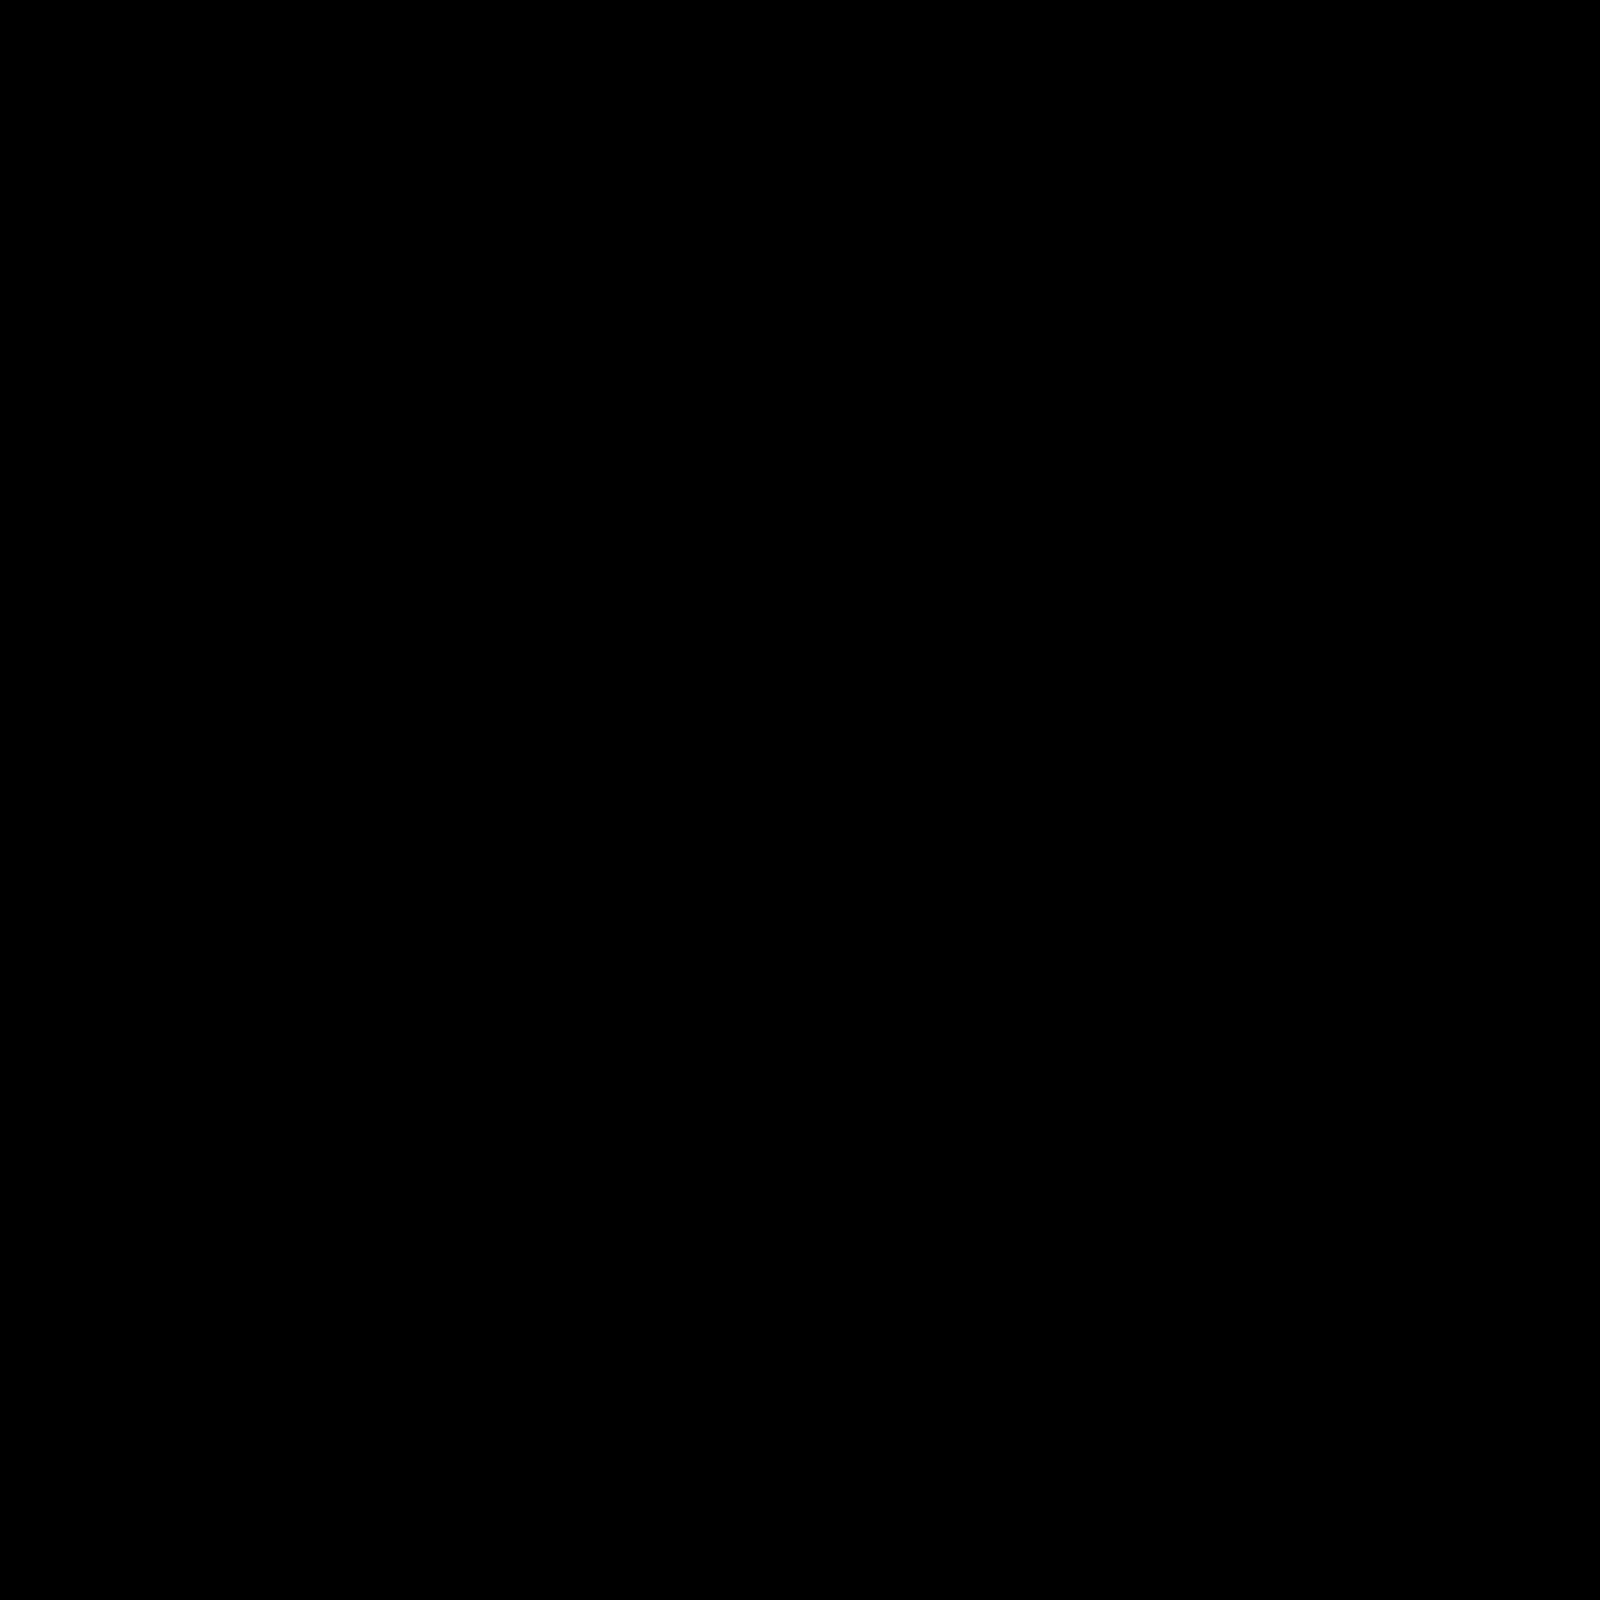 时钟 icon. This is a very simple representation of a wall clock. It's made up of a circle with a black dot in the center. The hands are composed of two lines of different shapes. The long hand points up noon and the small hand points at eight.